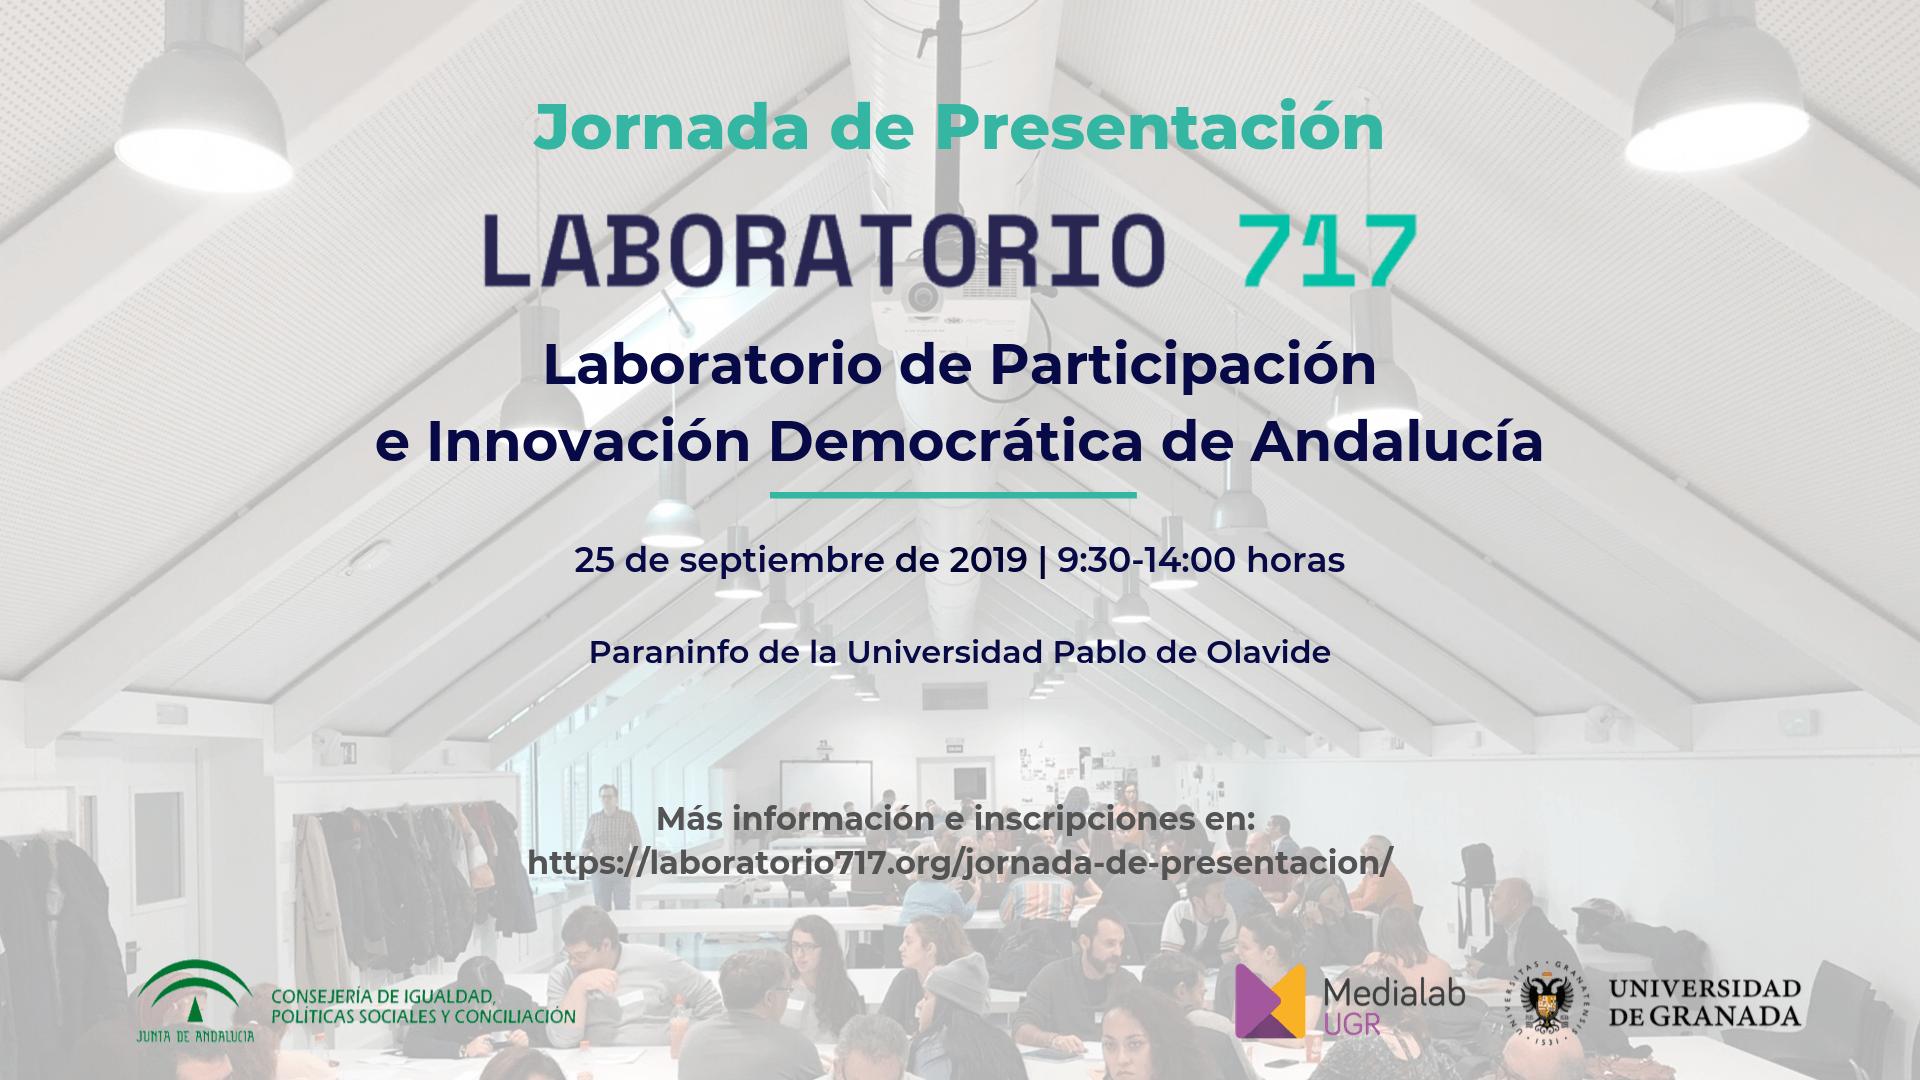 """Imagen de la noticia Jornada de presentación del """"Laboratorio 717 – Laboratorio de Participación e Innovación Democrática de Andalucía"""""""